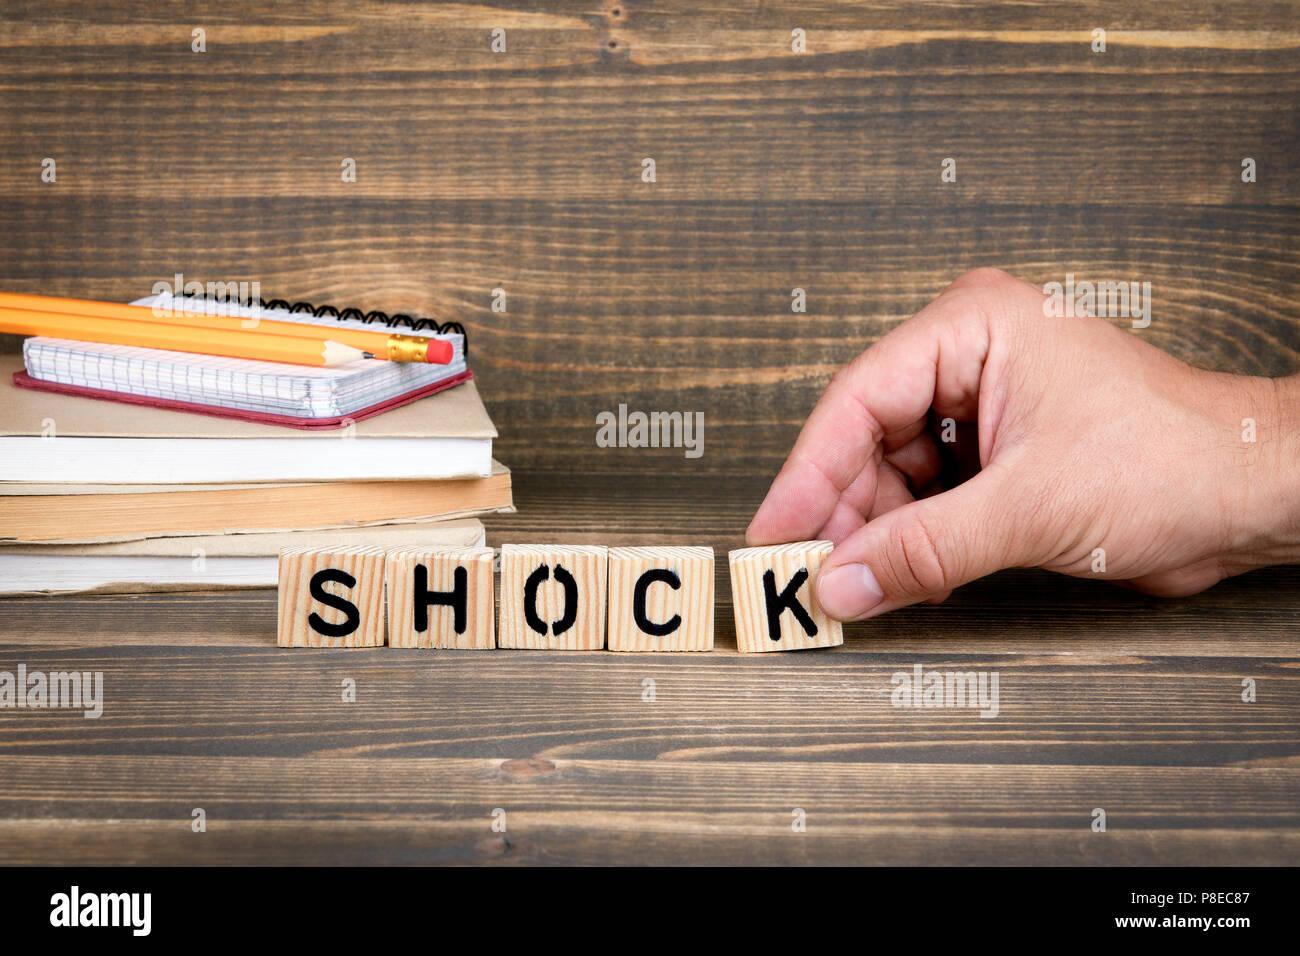 Shock. Lettere di legno sulla scrivania in ufficio Immagini Stock